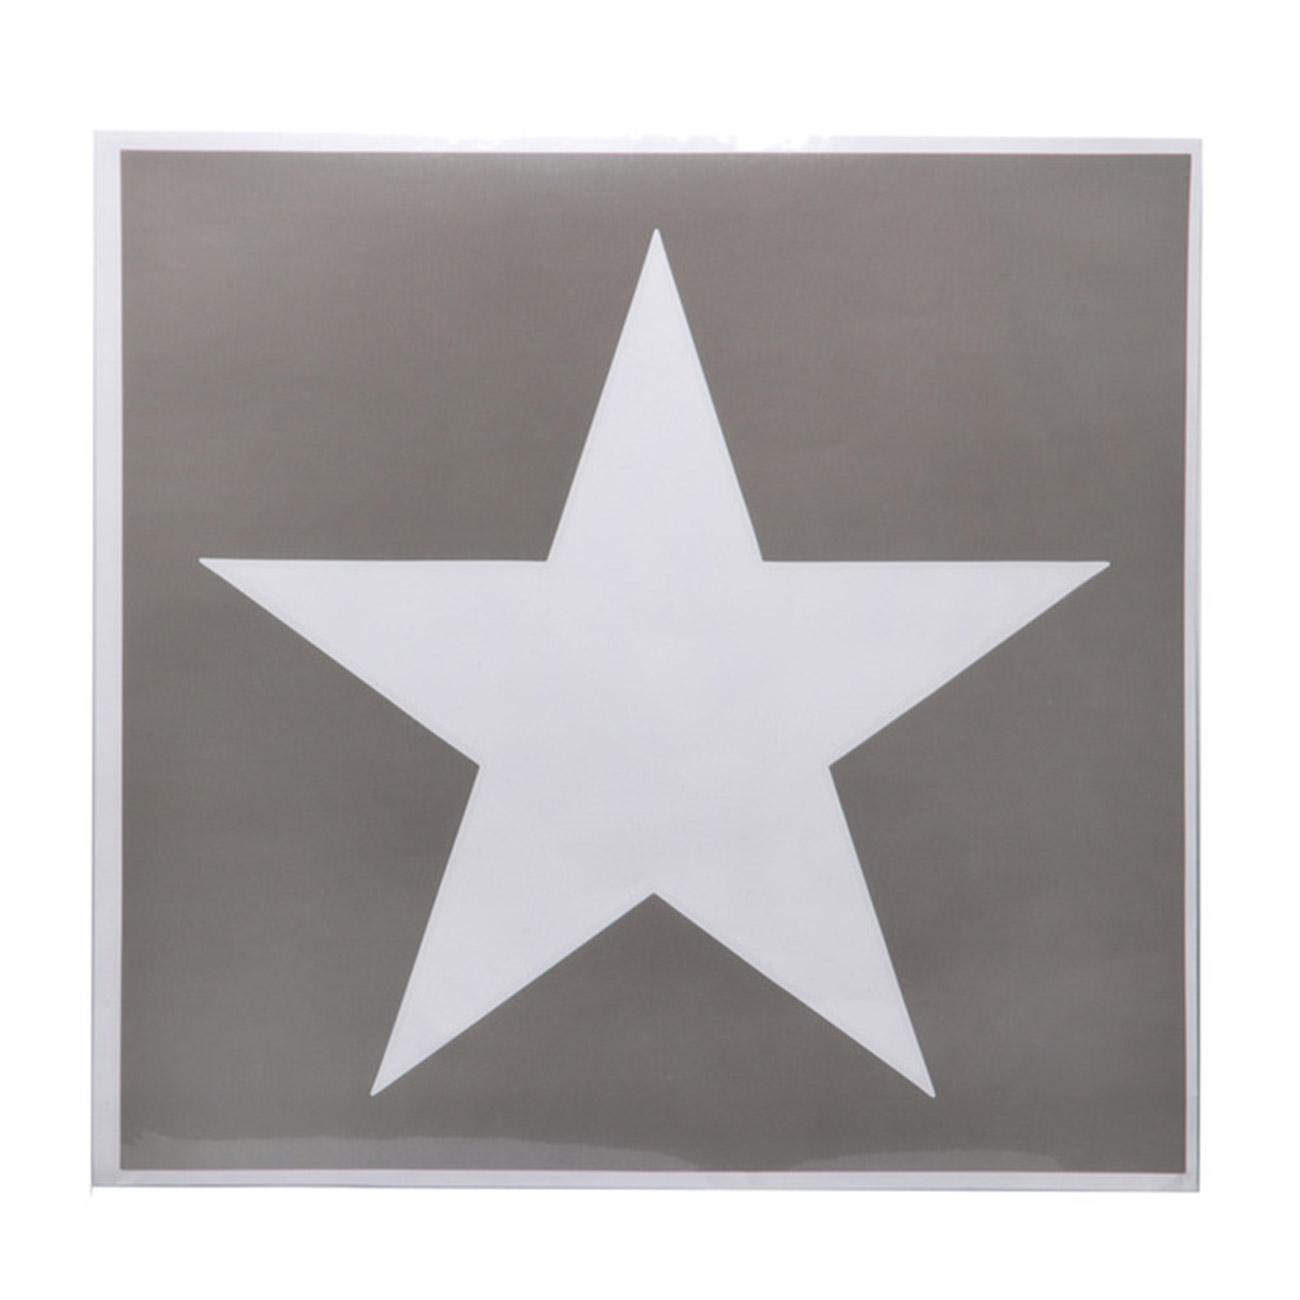 Aufkleber Schablone Sticker U.S. Stern günstig kaufen - Kotte & Zeller